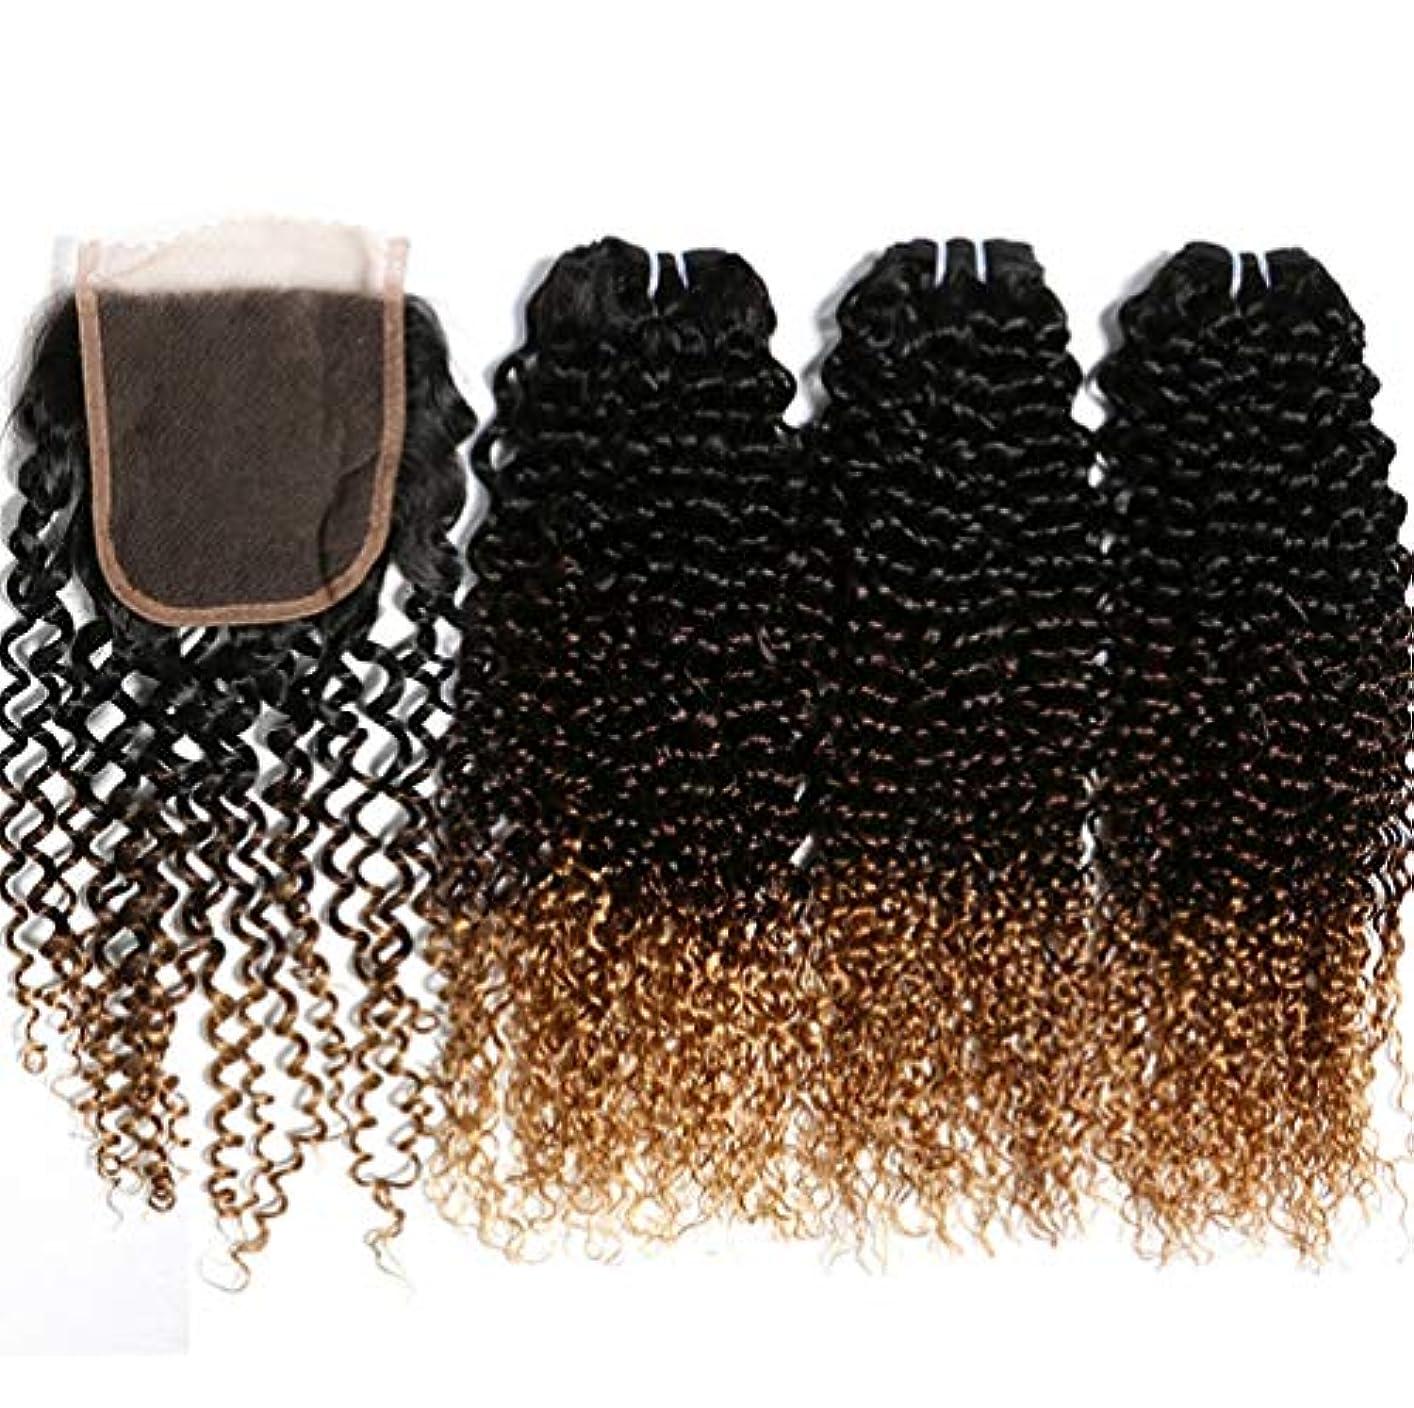 女性ブラジルの髪の束と人間の髪の束を織り人の髪の束とブラジルの身体の波を織り(3束)